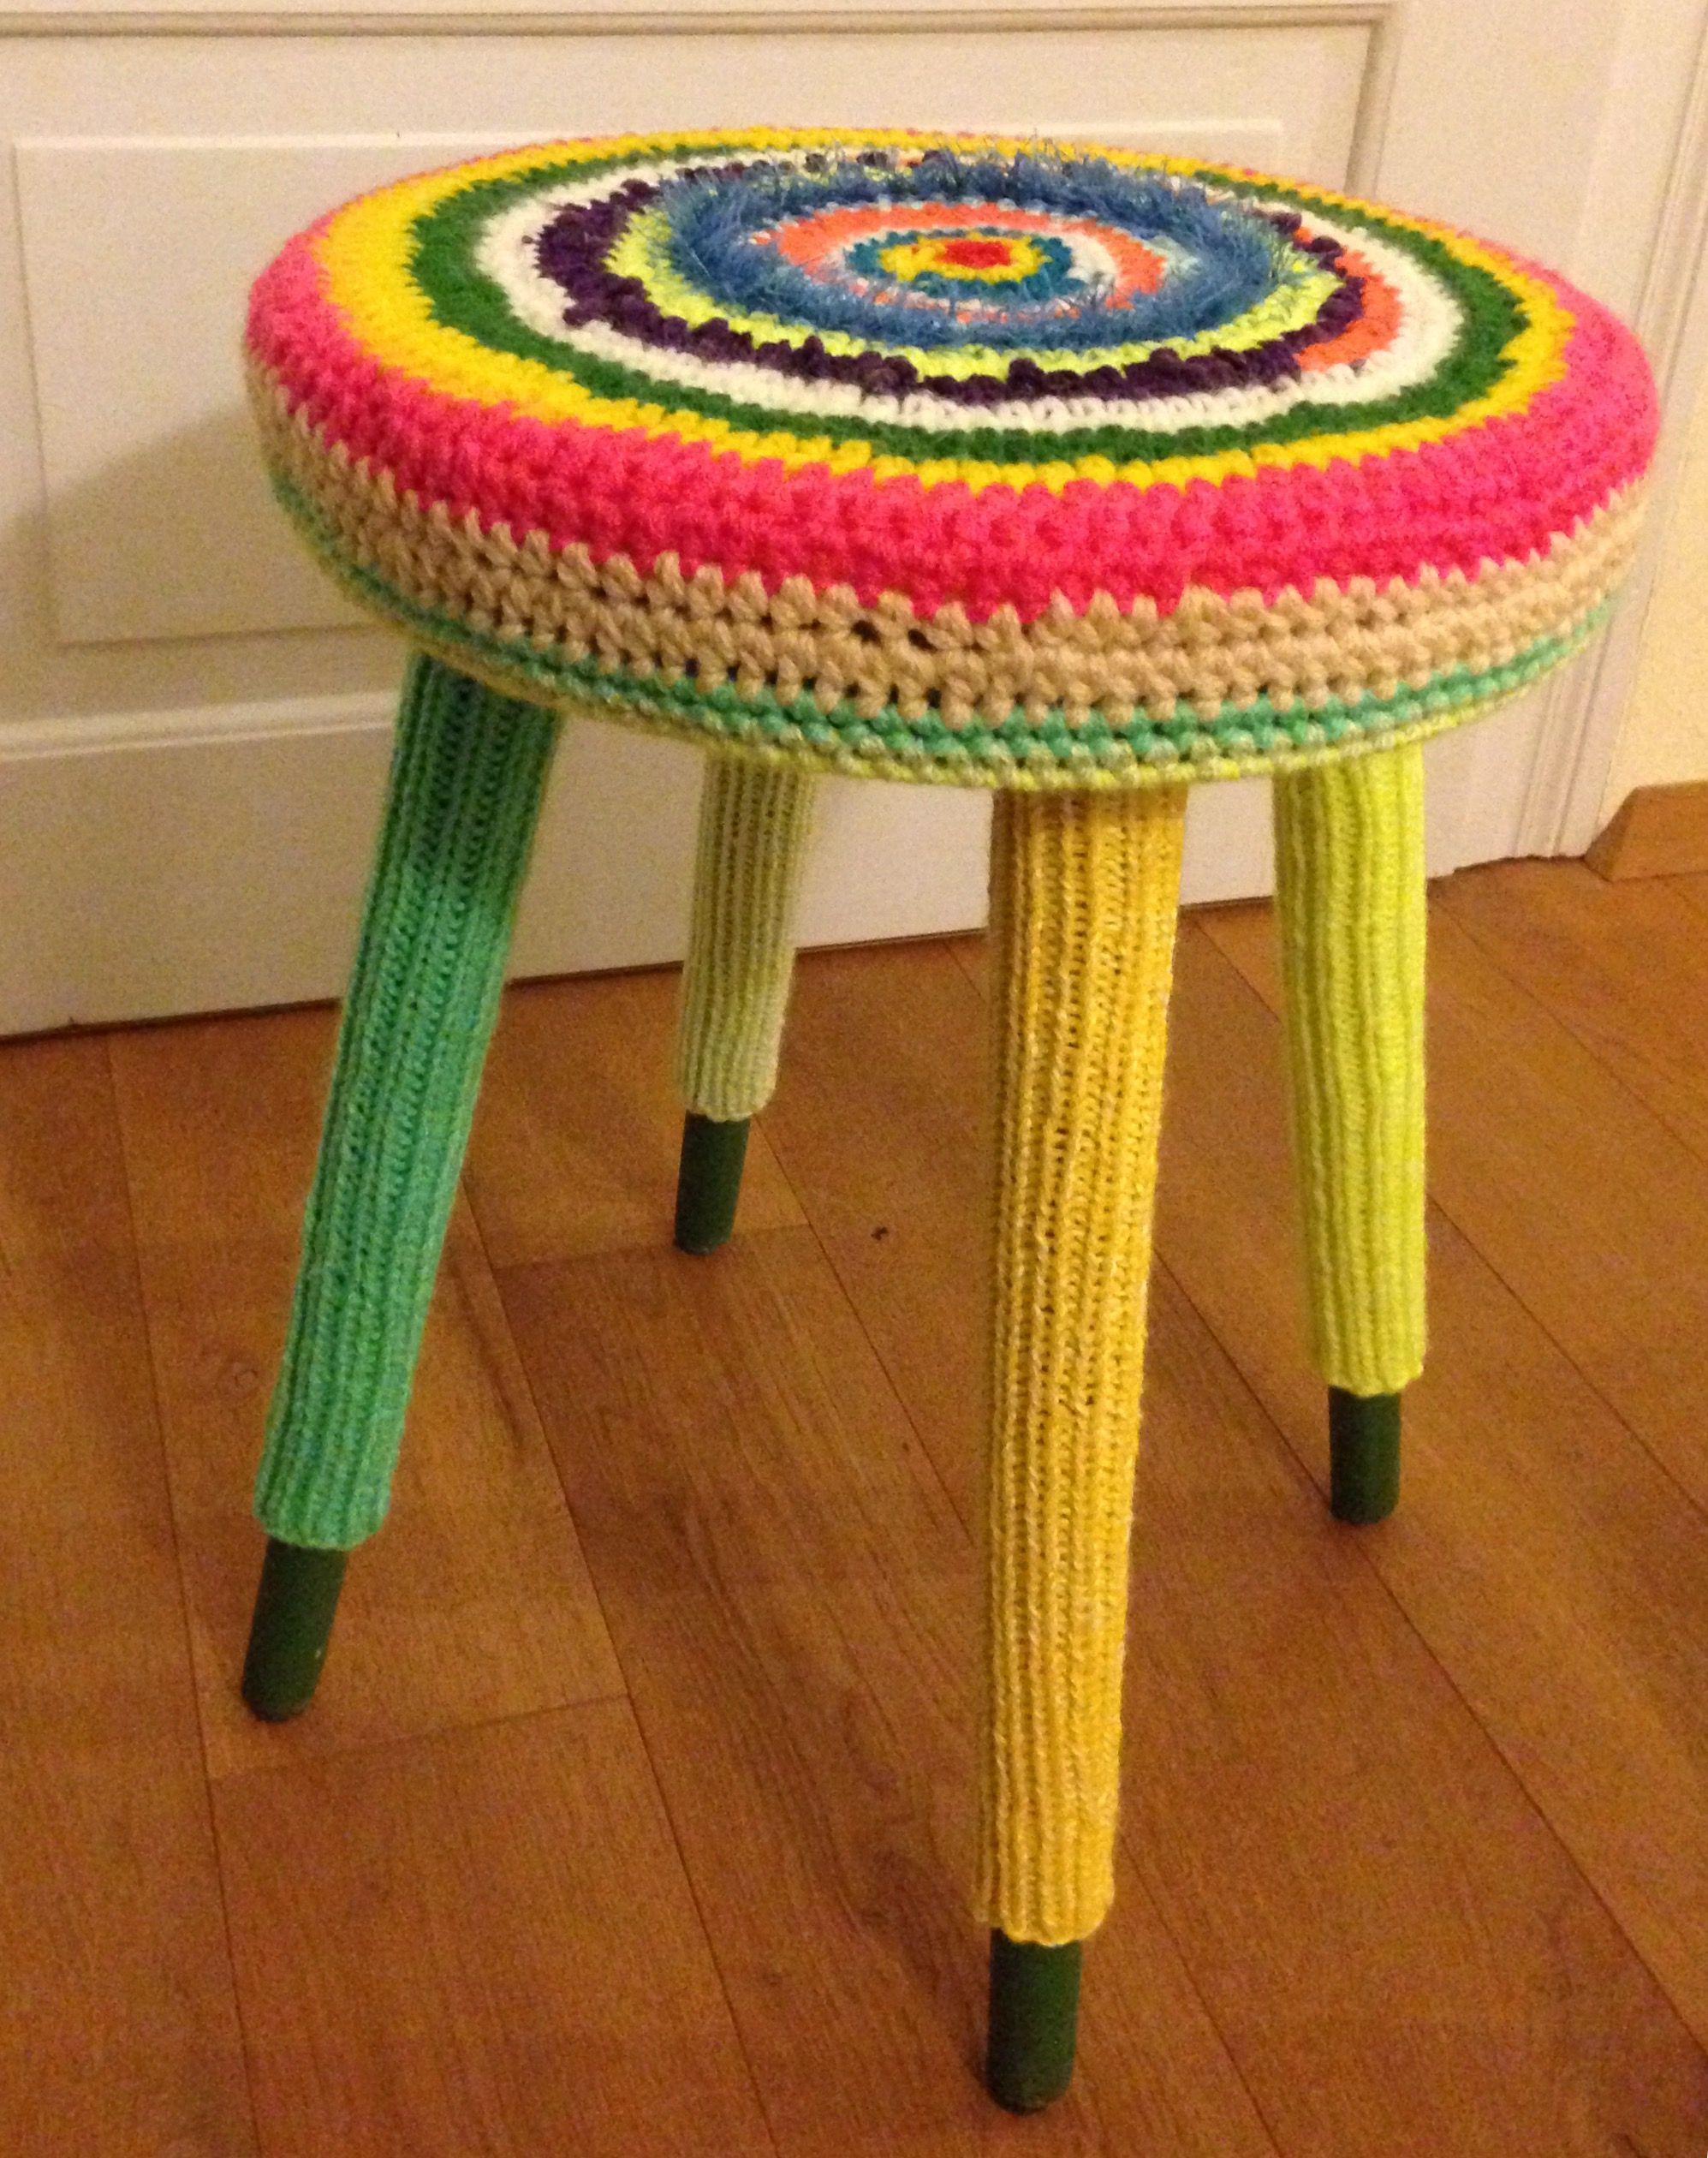 Pin De Edna Adomi Em Bench Ottoman Almofadas De Croche Modelos